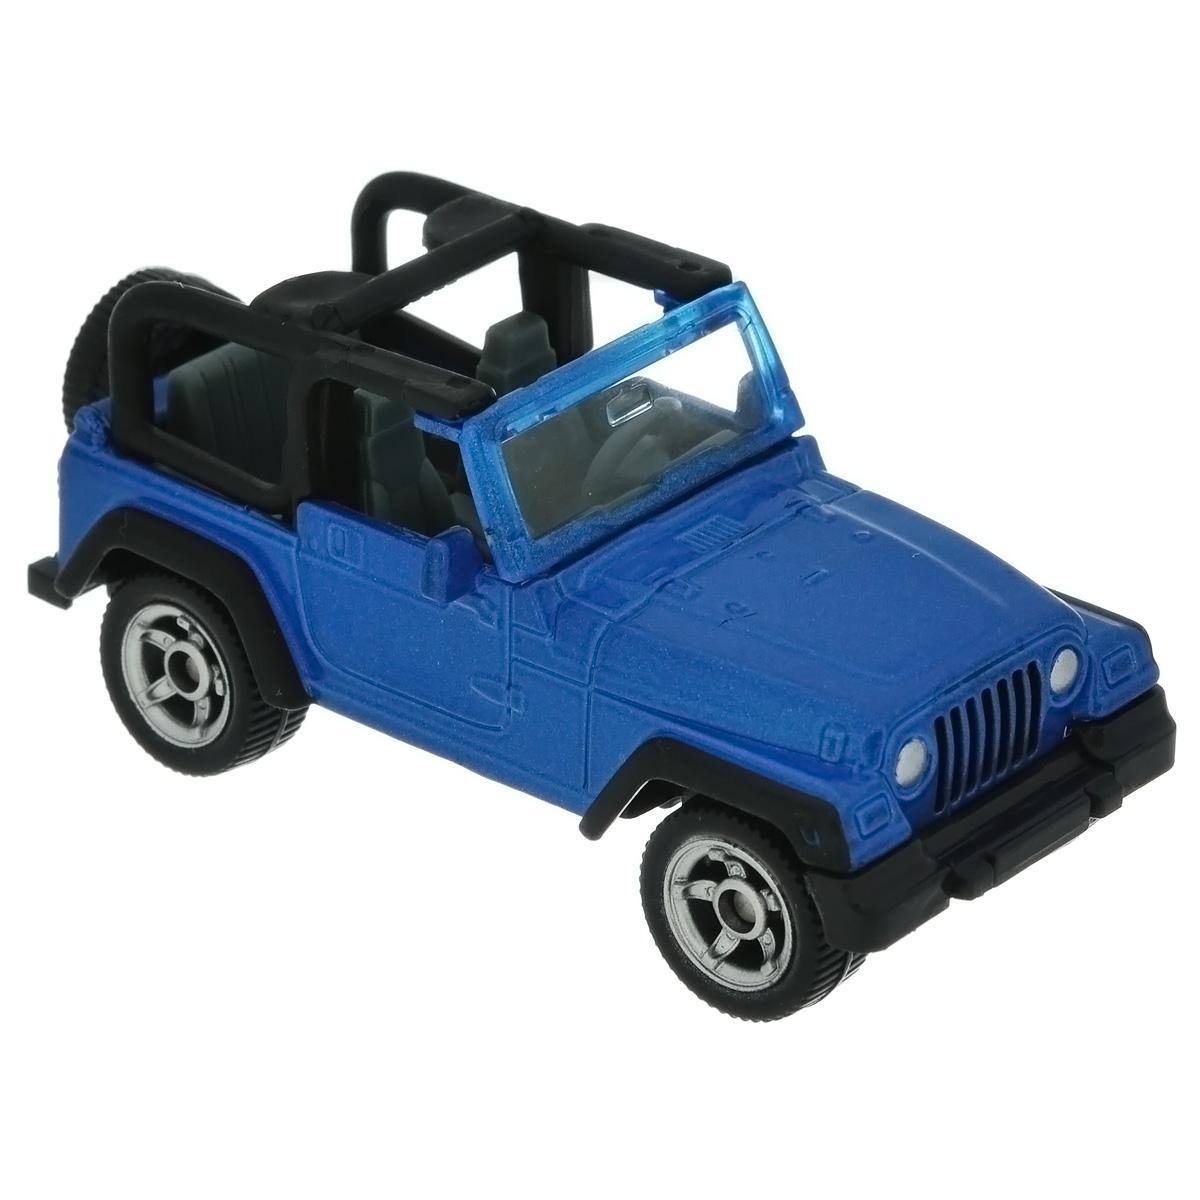 """Коллекционная модель Siku """"Jeep Wrangler"""" представляет собой точную уменьшенную копию джипа. Такая модель понравится не только ребенку, но и взрослому коллекционеру, и приятно удивит вас высочайшим качеством исполнения. Модель выполнена из металла с элементами из пластика; прорезиненные колеса крутятся. Отличный подарок для любителей автомобилей!"""